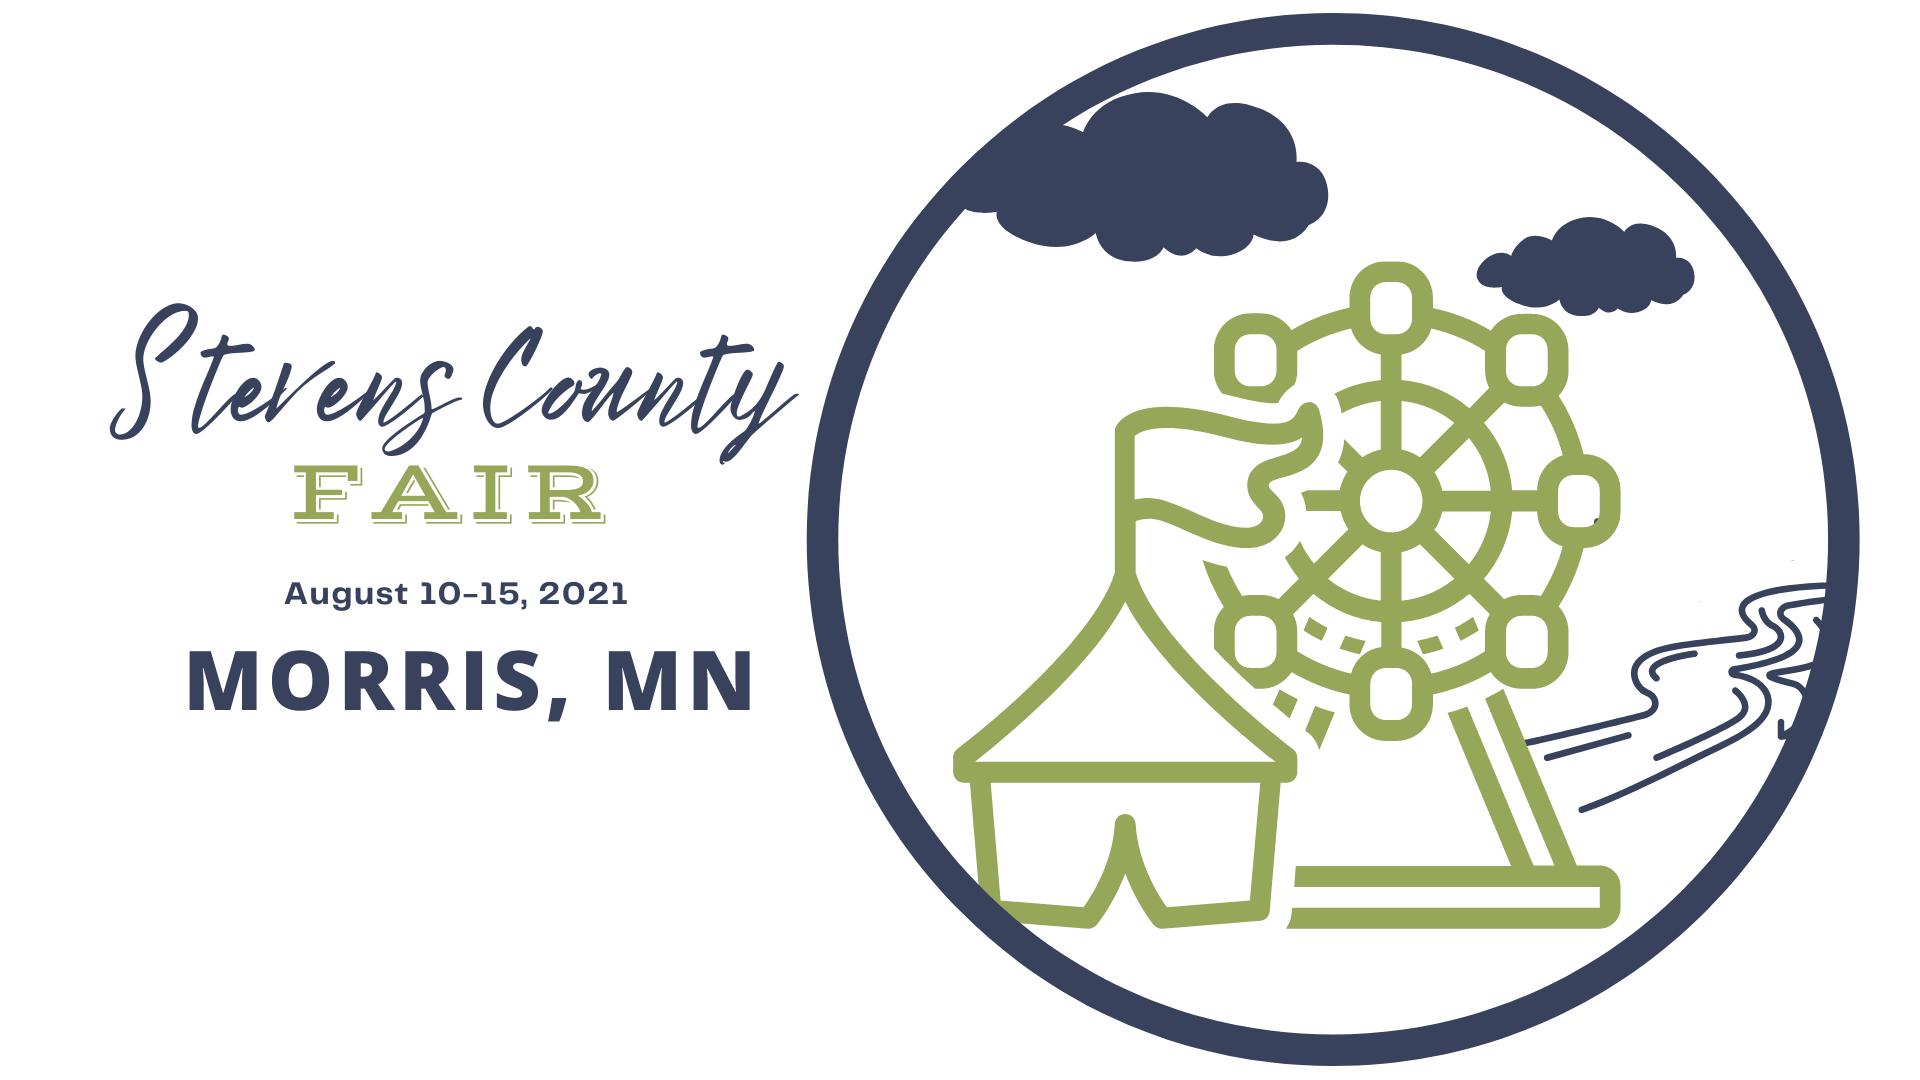 Morris-Stevens County Fair-Blog Header #2 (3)